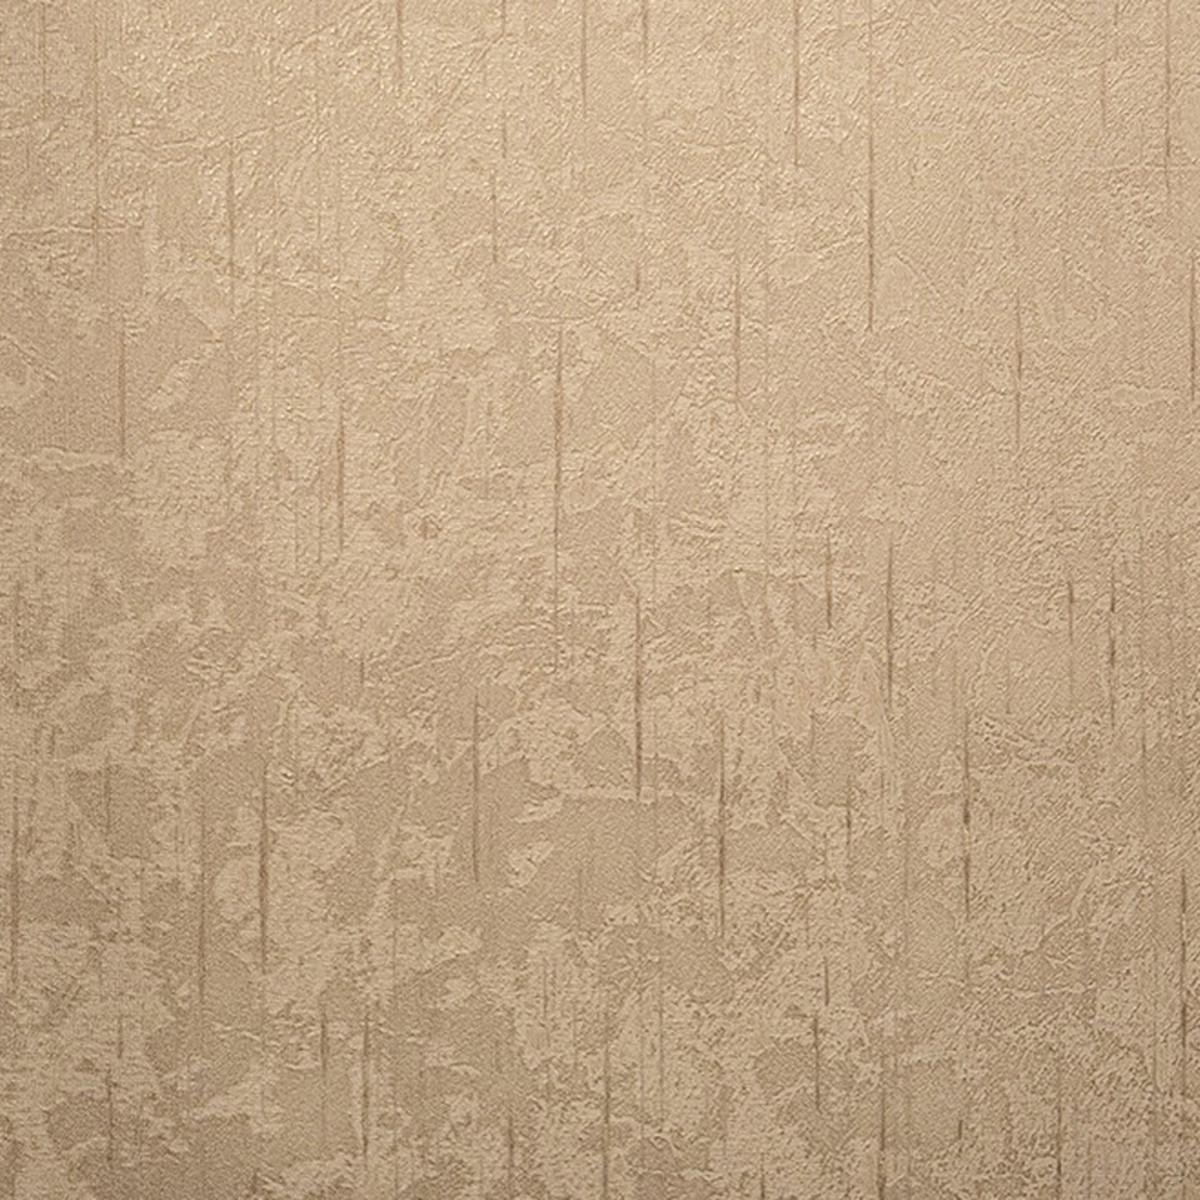 Обои флизелиновые Primo Parati коричневые 1.06 м HL020801